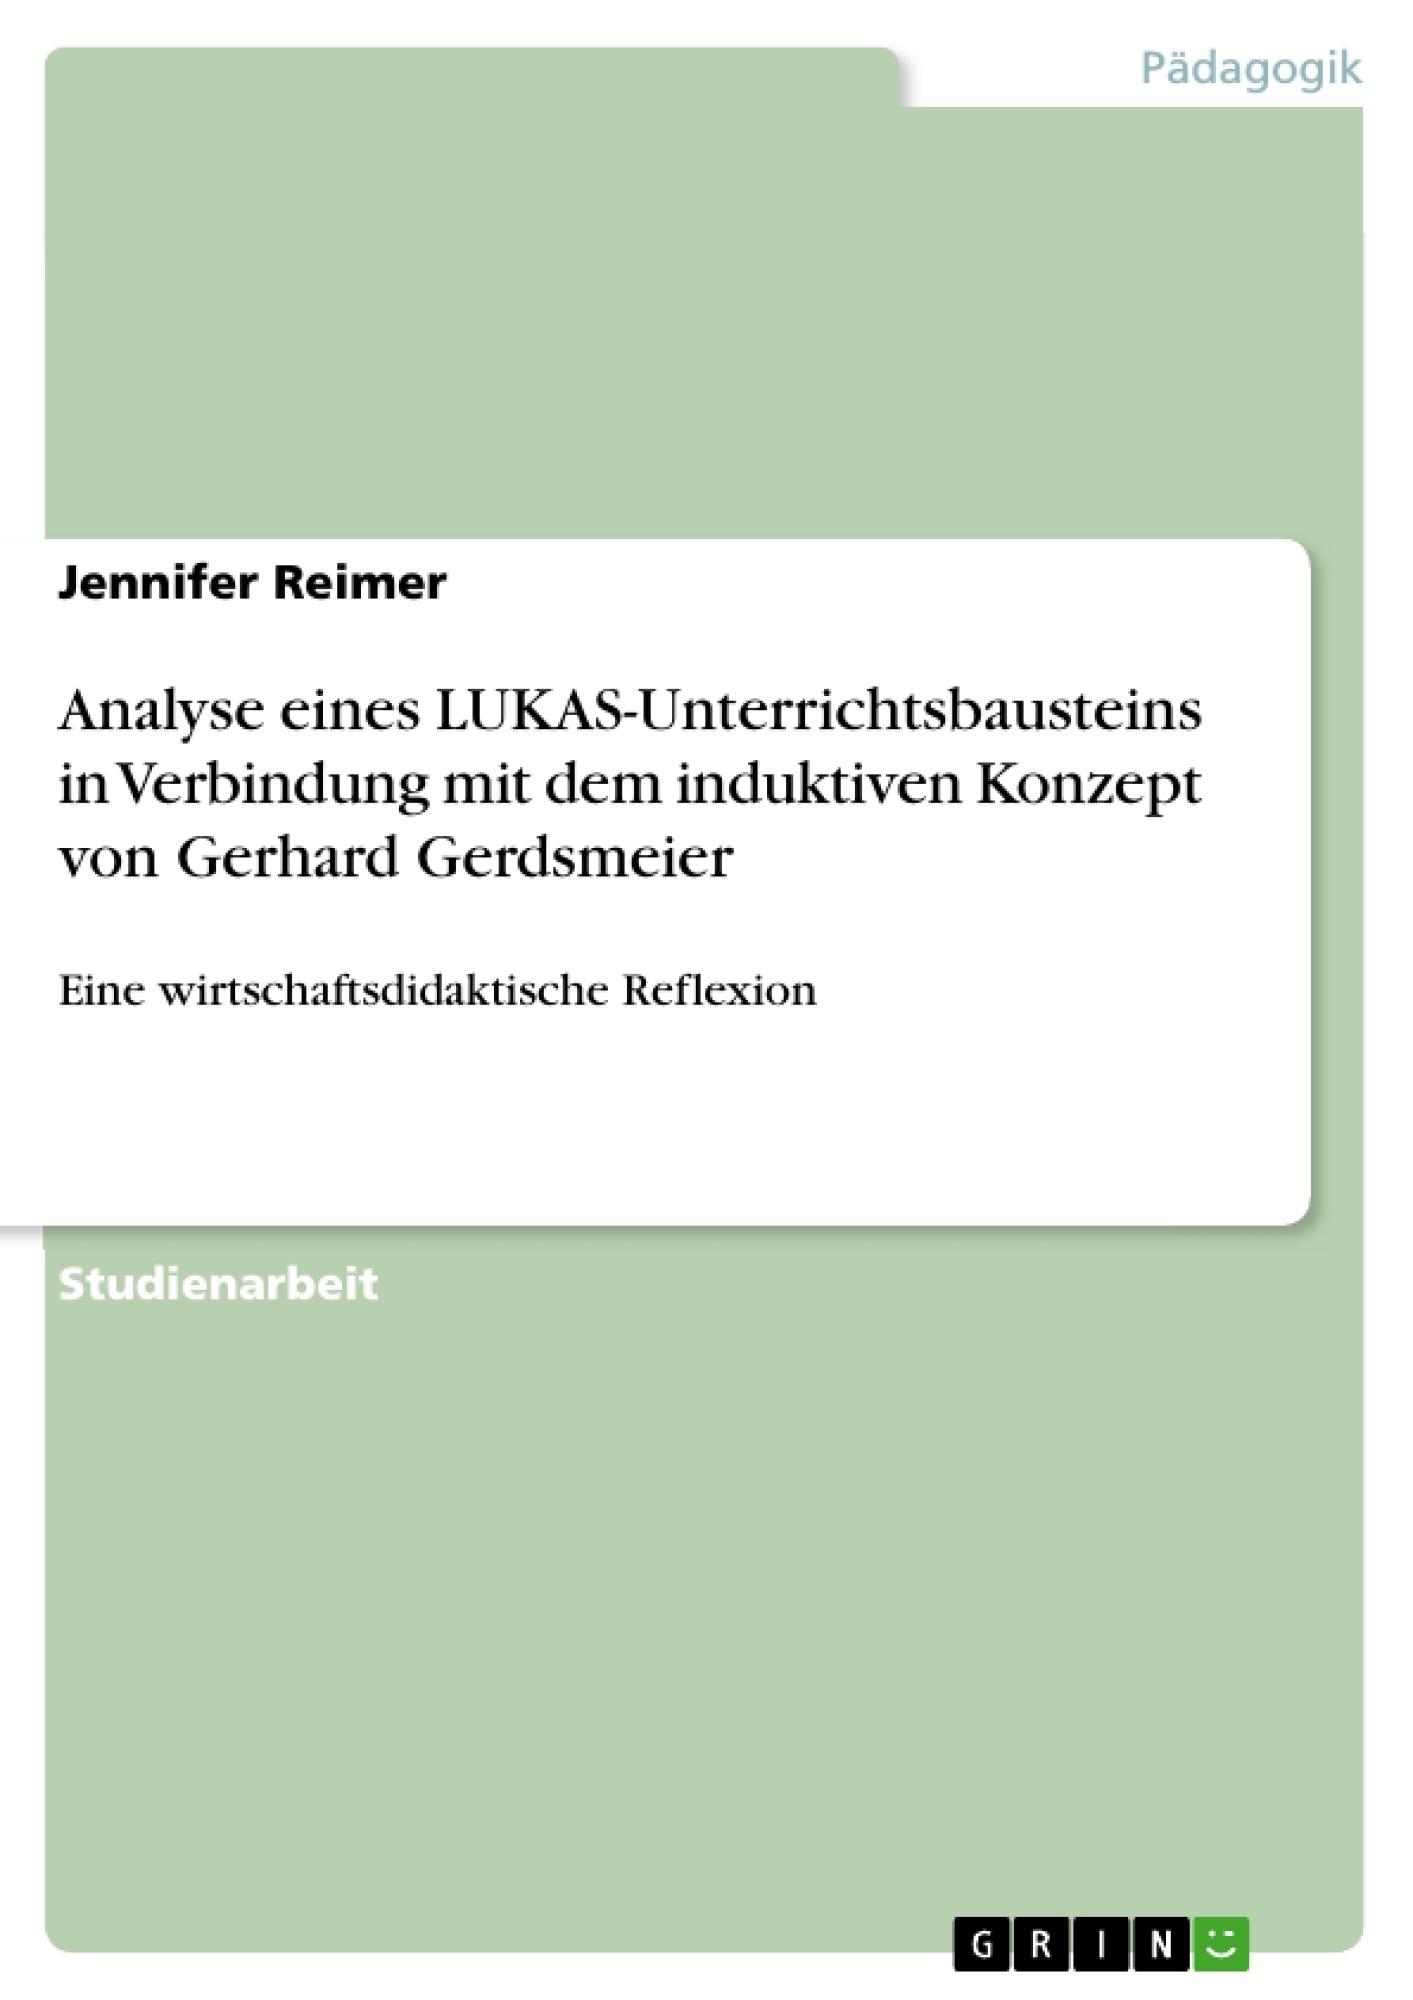 Titel: Analyse eines LUKAS-Unterrichtsbausteins in Verbindung mit dem induktiven Konzept von Gerhard Gerdsmeier